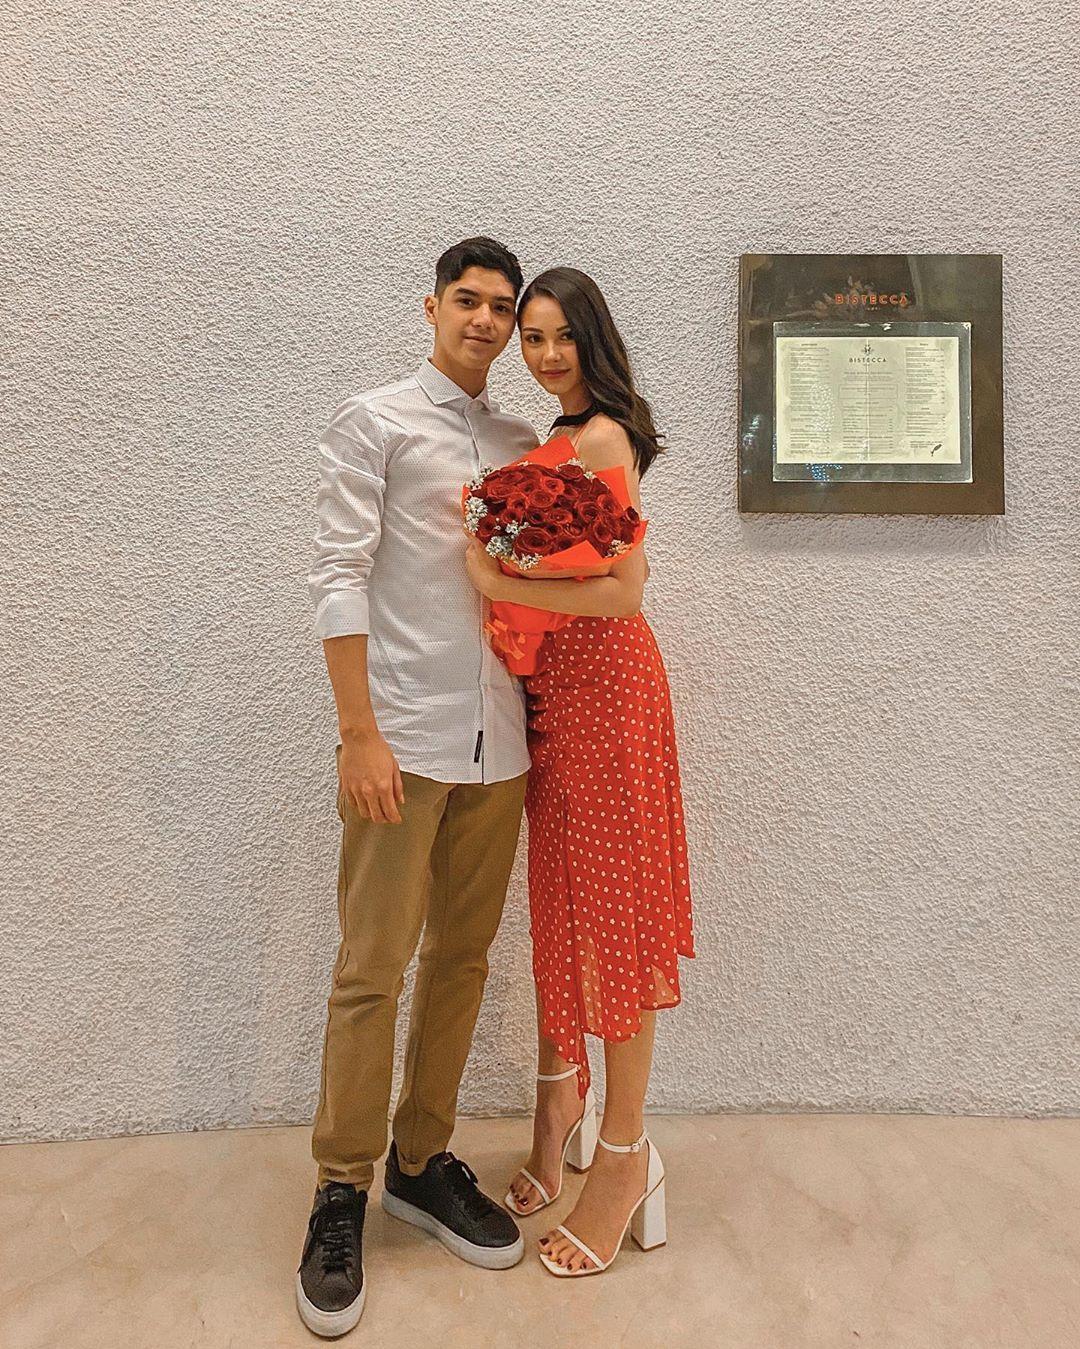 Dikabarkan akan Menikah, Ini Gaya Mesra Al Ghazali dan Alyssa Daguise